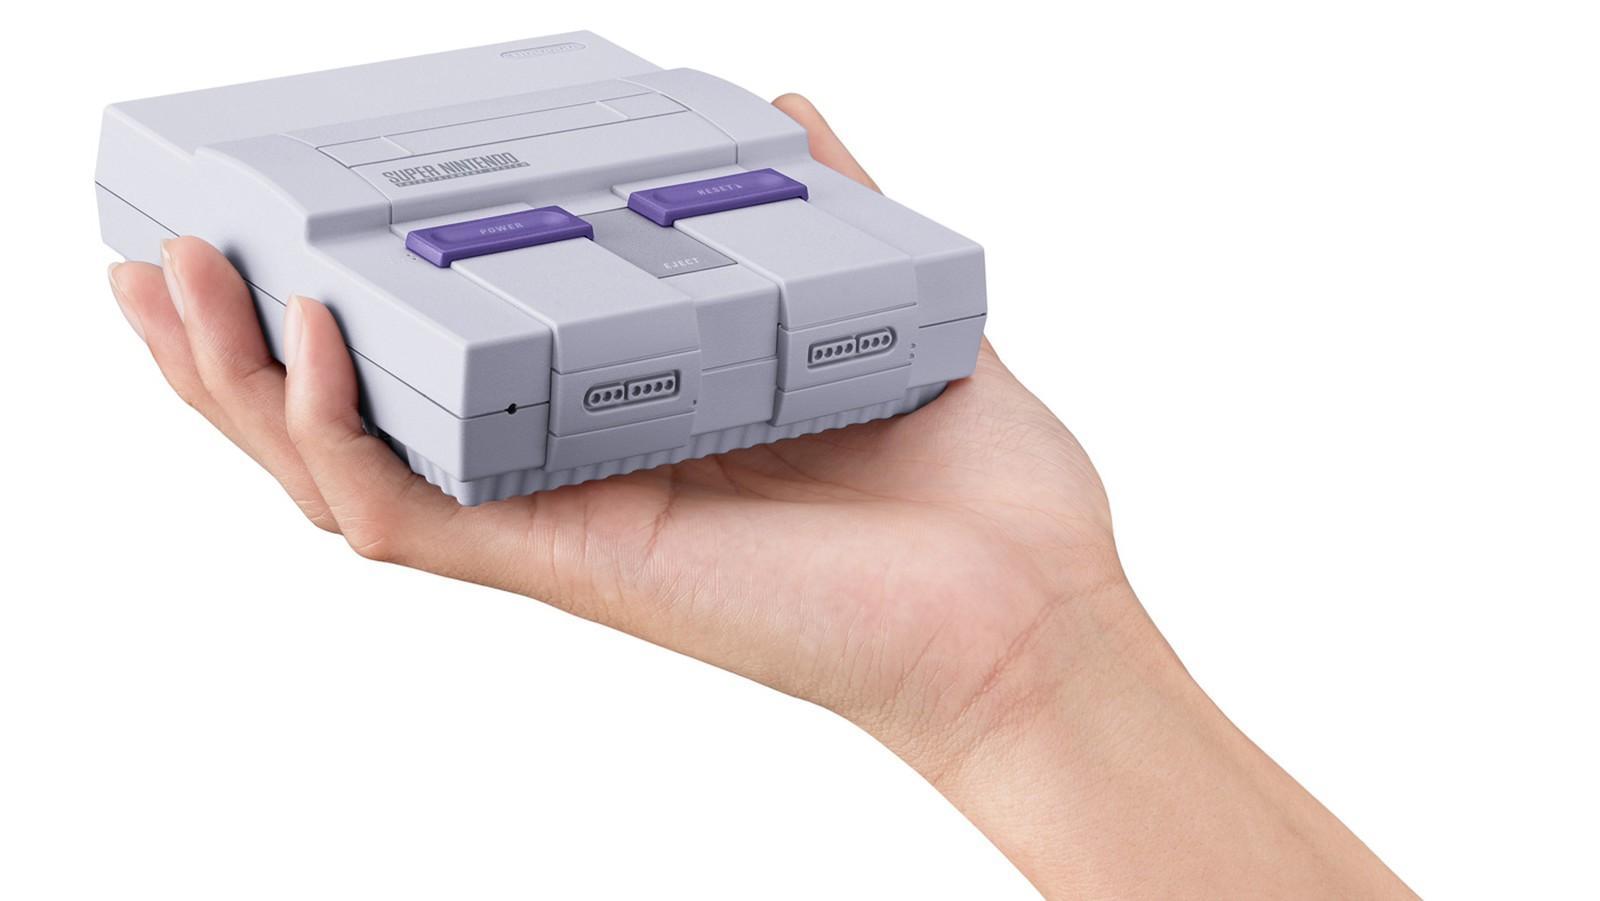 Super Nintendo será relançado em setembro com 21 jogos na memória